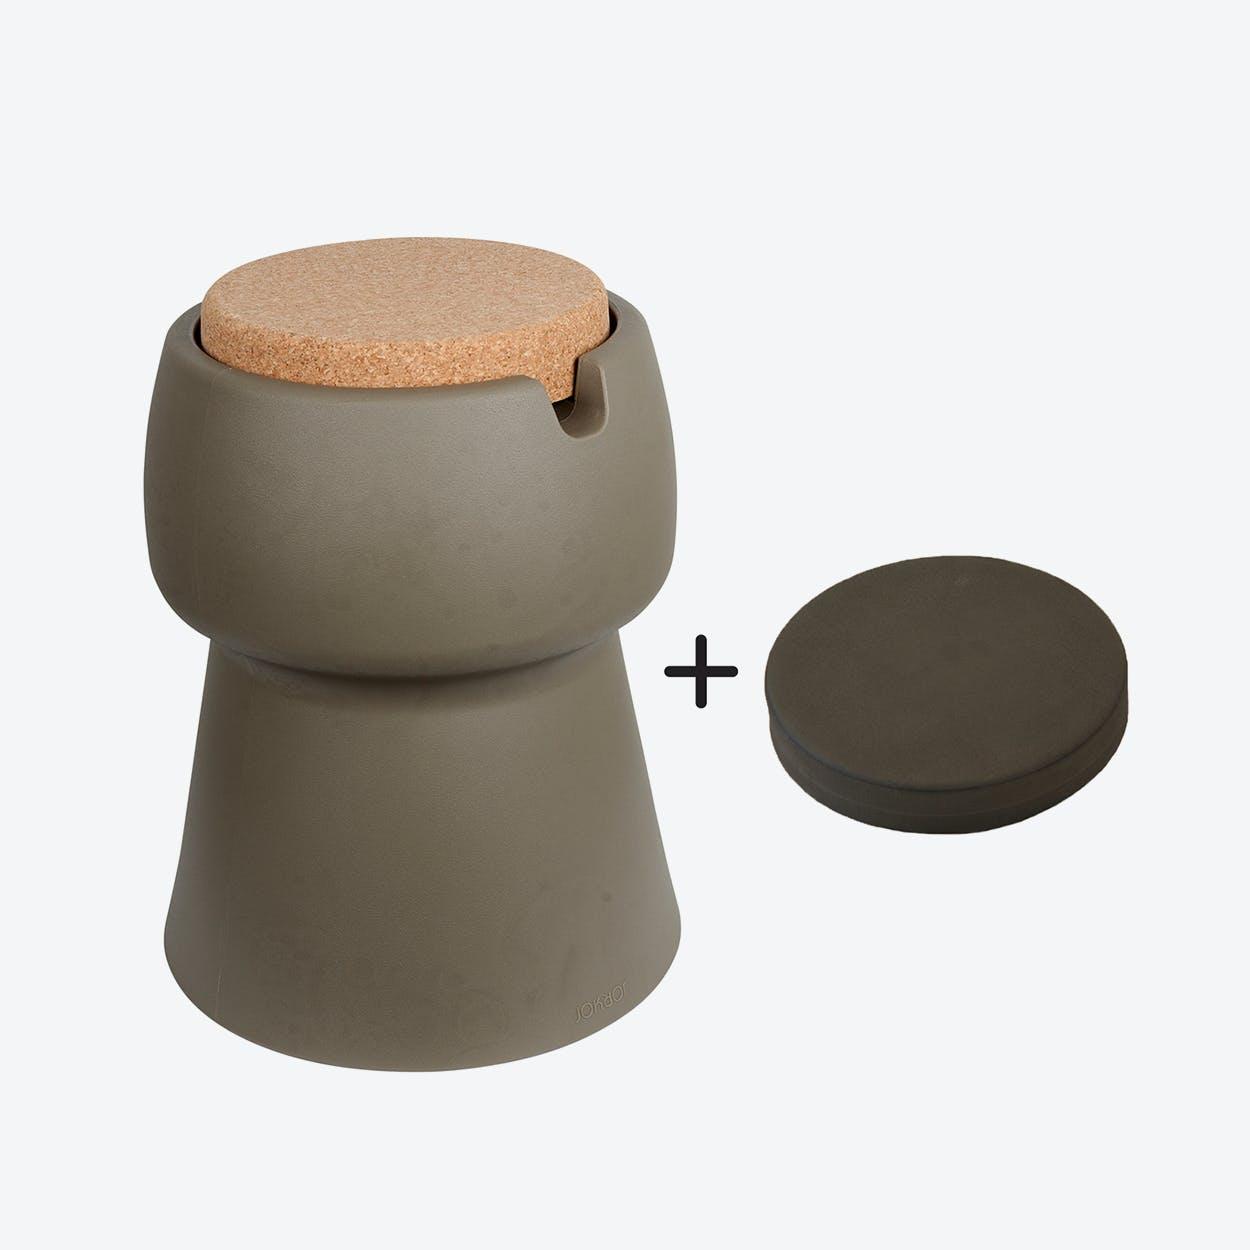 Champ Stool/Cooler in Khaki: Cork + Grey Outdoor Cushion